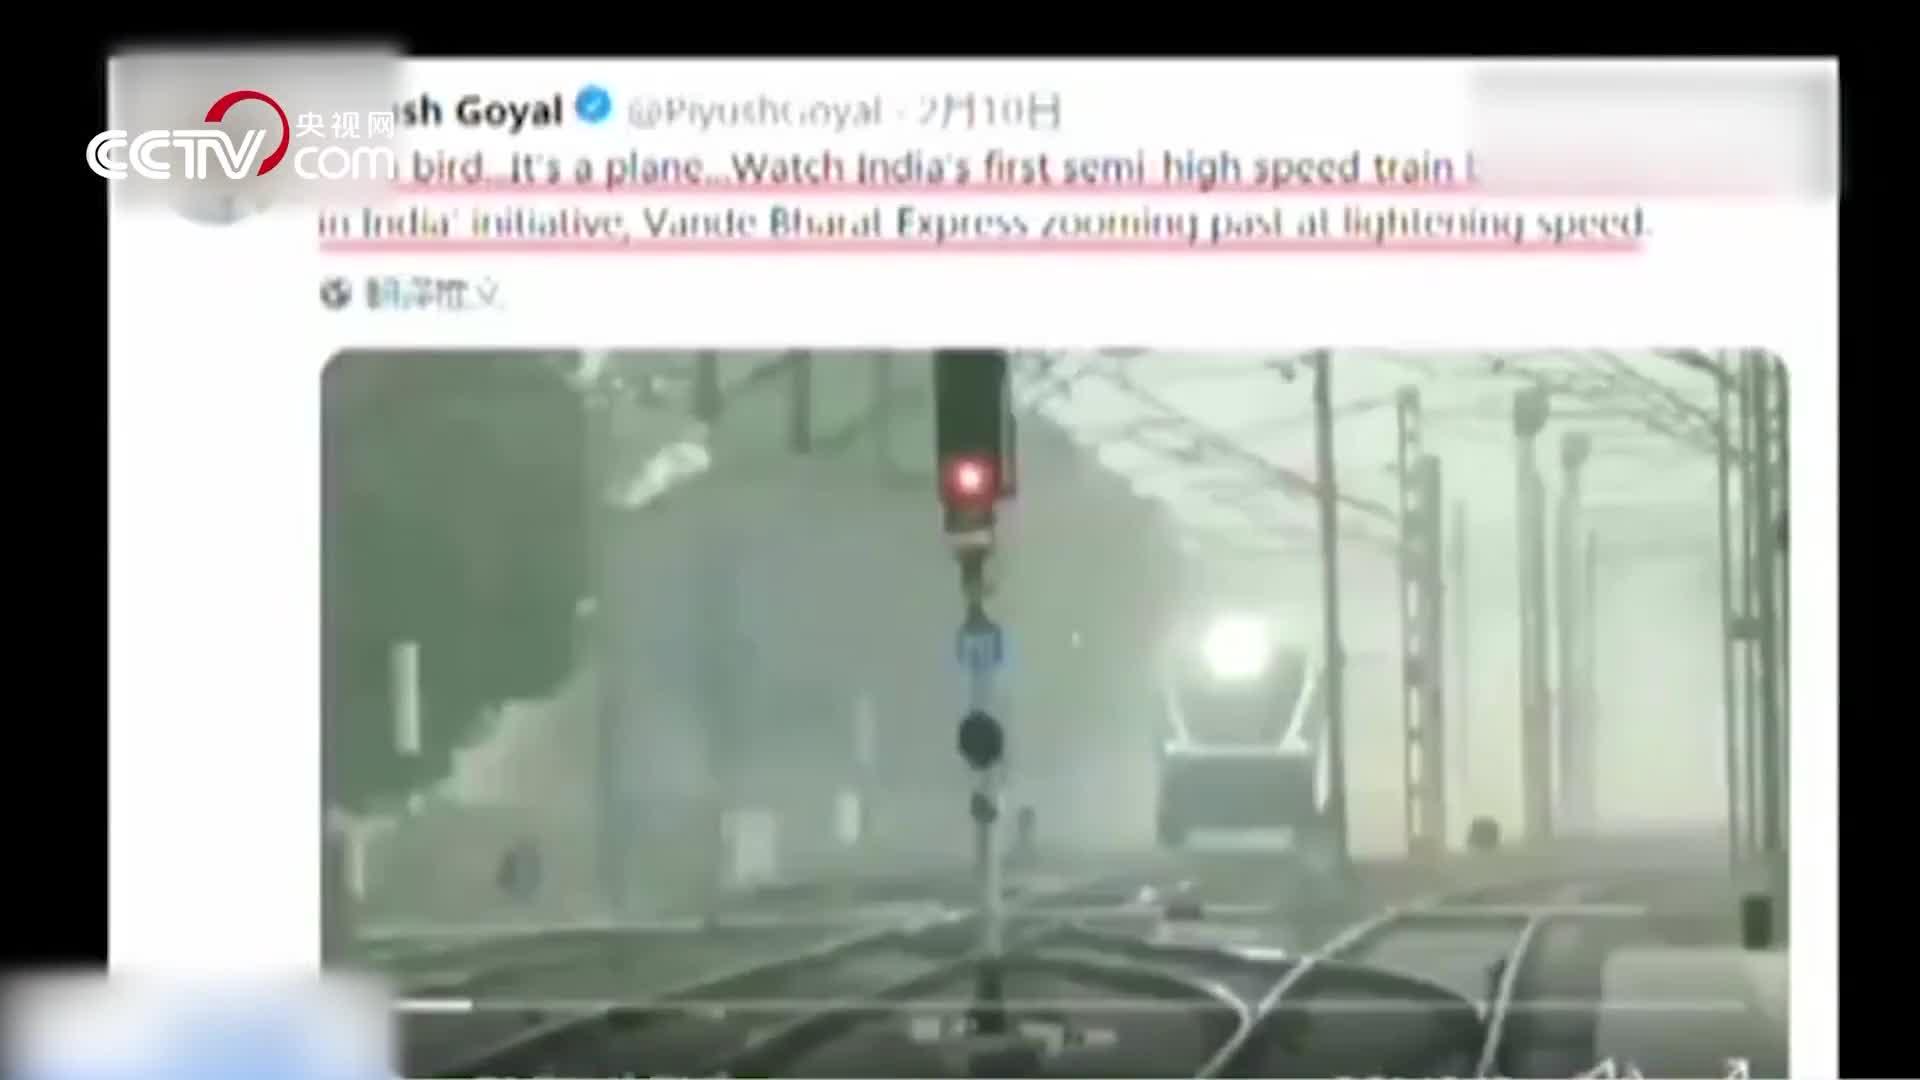 """[视频]印度铁路部长视频炫耀""""国产高铁"""" 被""""打脸""""原是2倍速快放"""